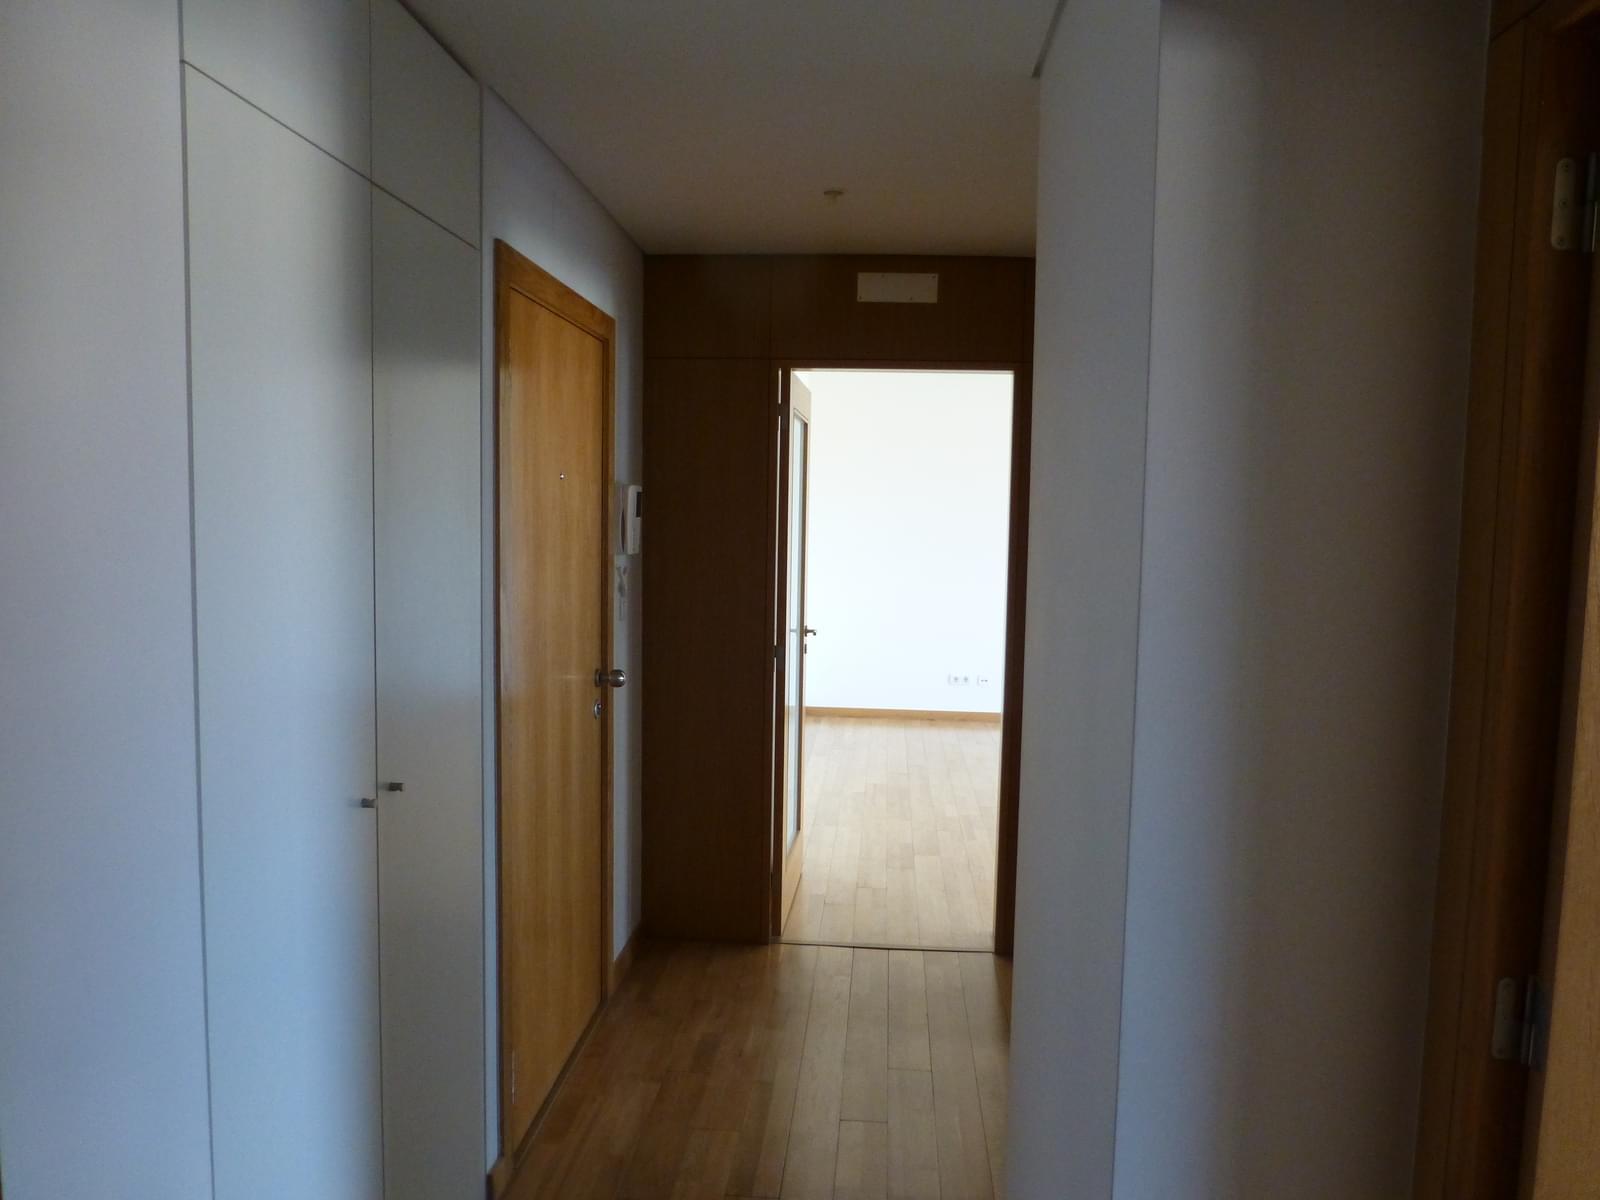 pf17050-apartamento-t1-lisboa-56792e95-62a9-470d-b569-48f8824aa4cf